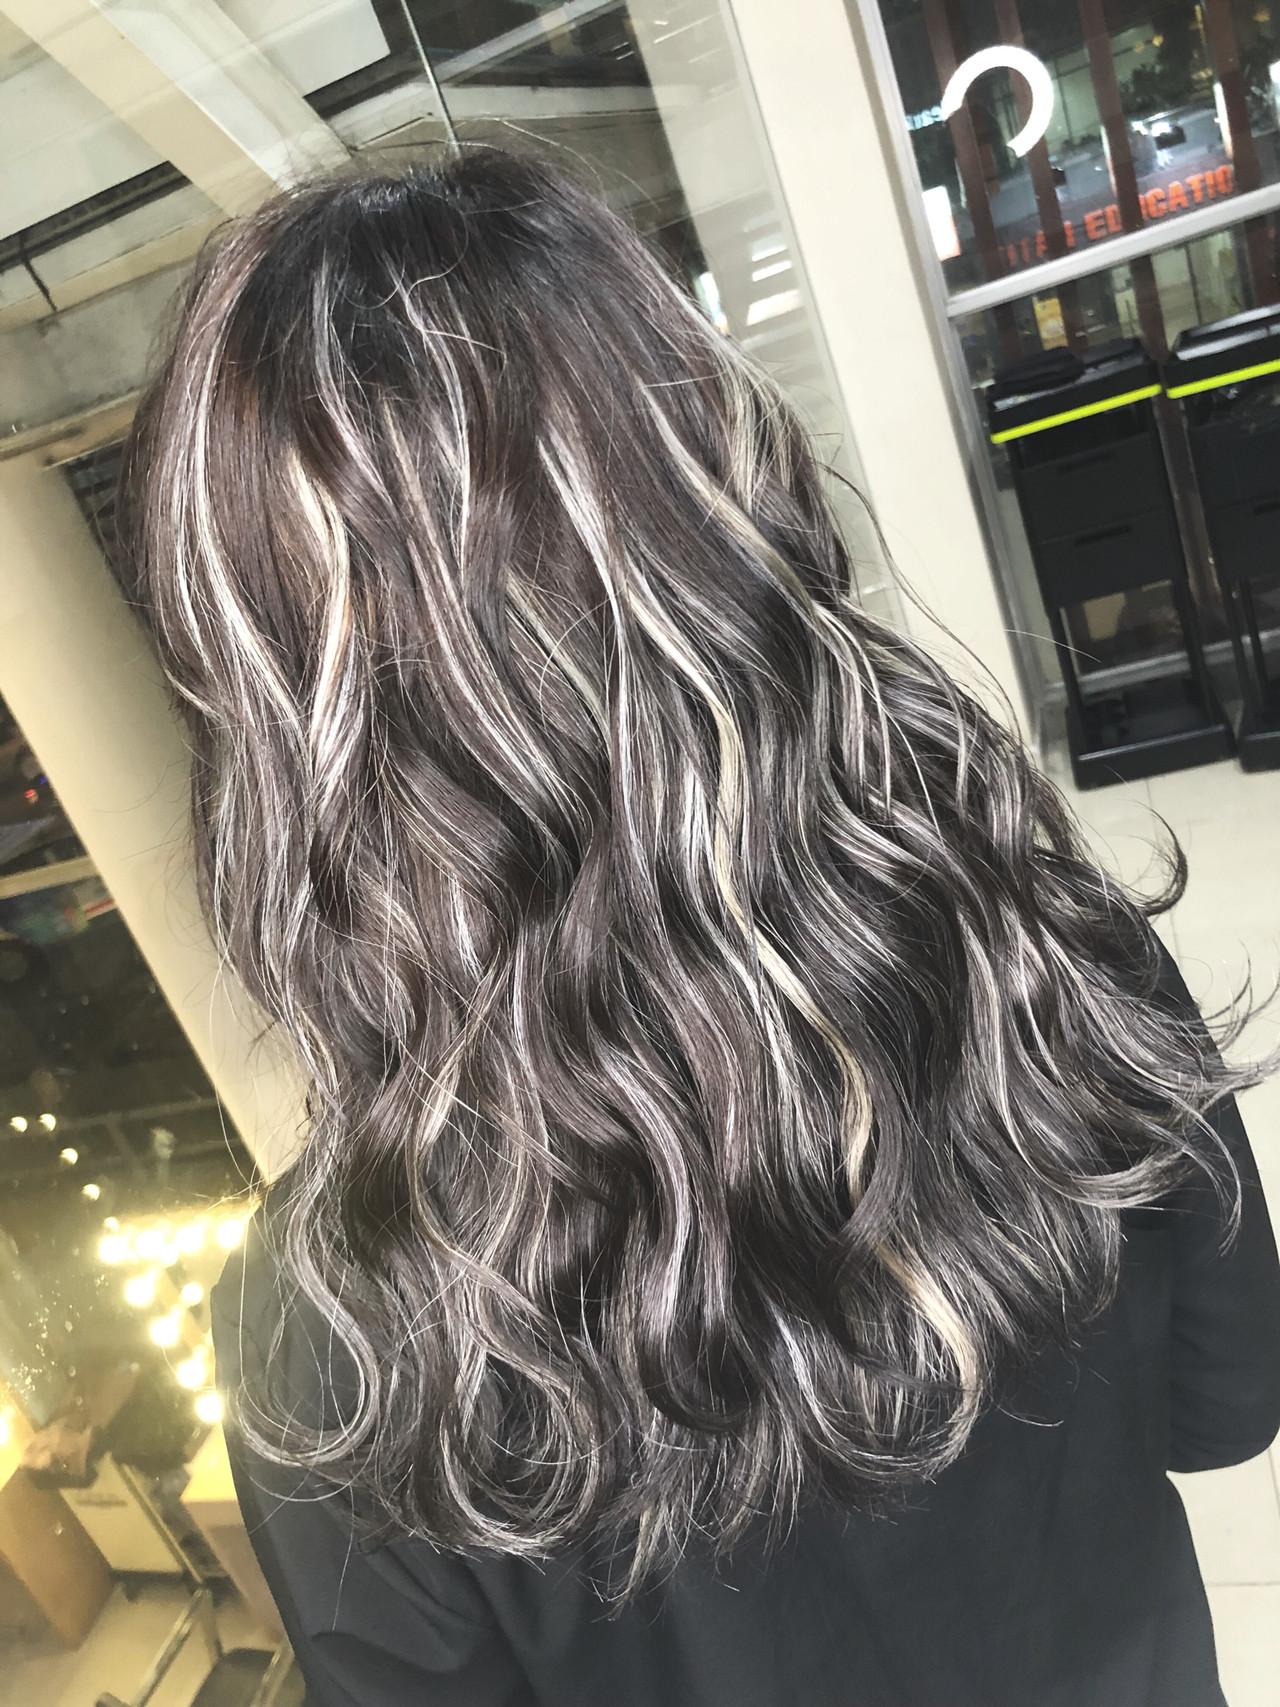 ハイライト バレイヤージュ グラデーションカラー グレージュ ヘアスタイルや髪型の写真・画像 | 筒井 隆由 / Hair salon mode